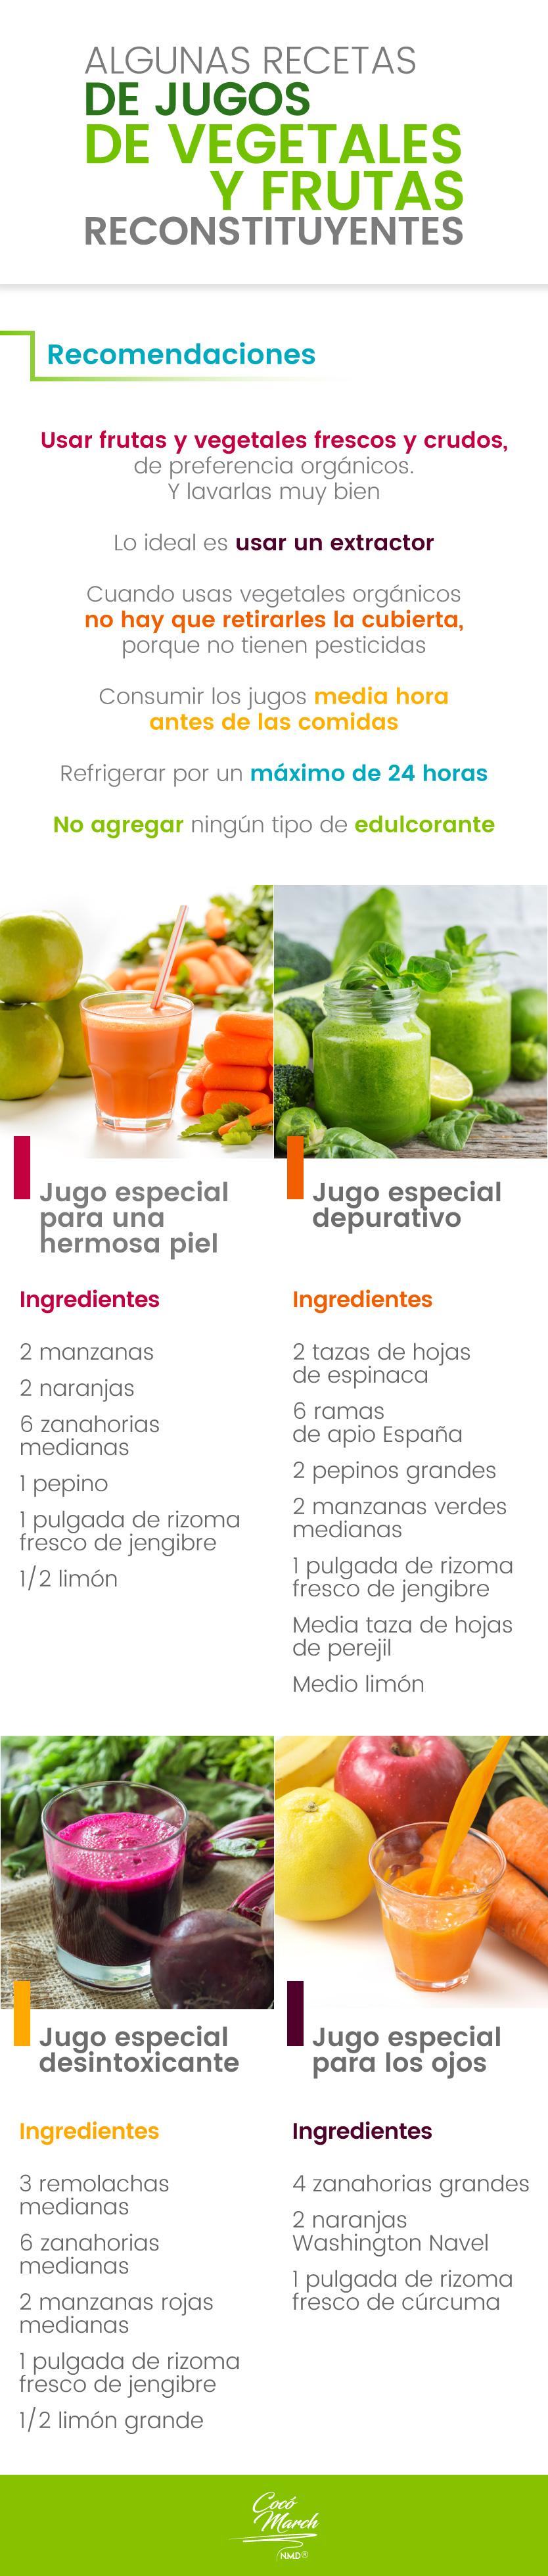 recetas-de-jugos-de-frutas-y-vegetales